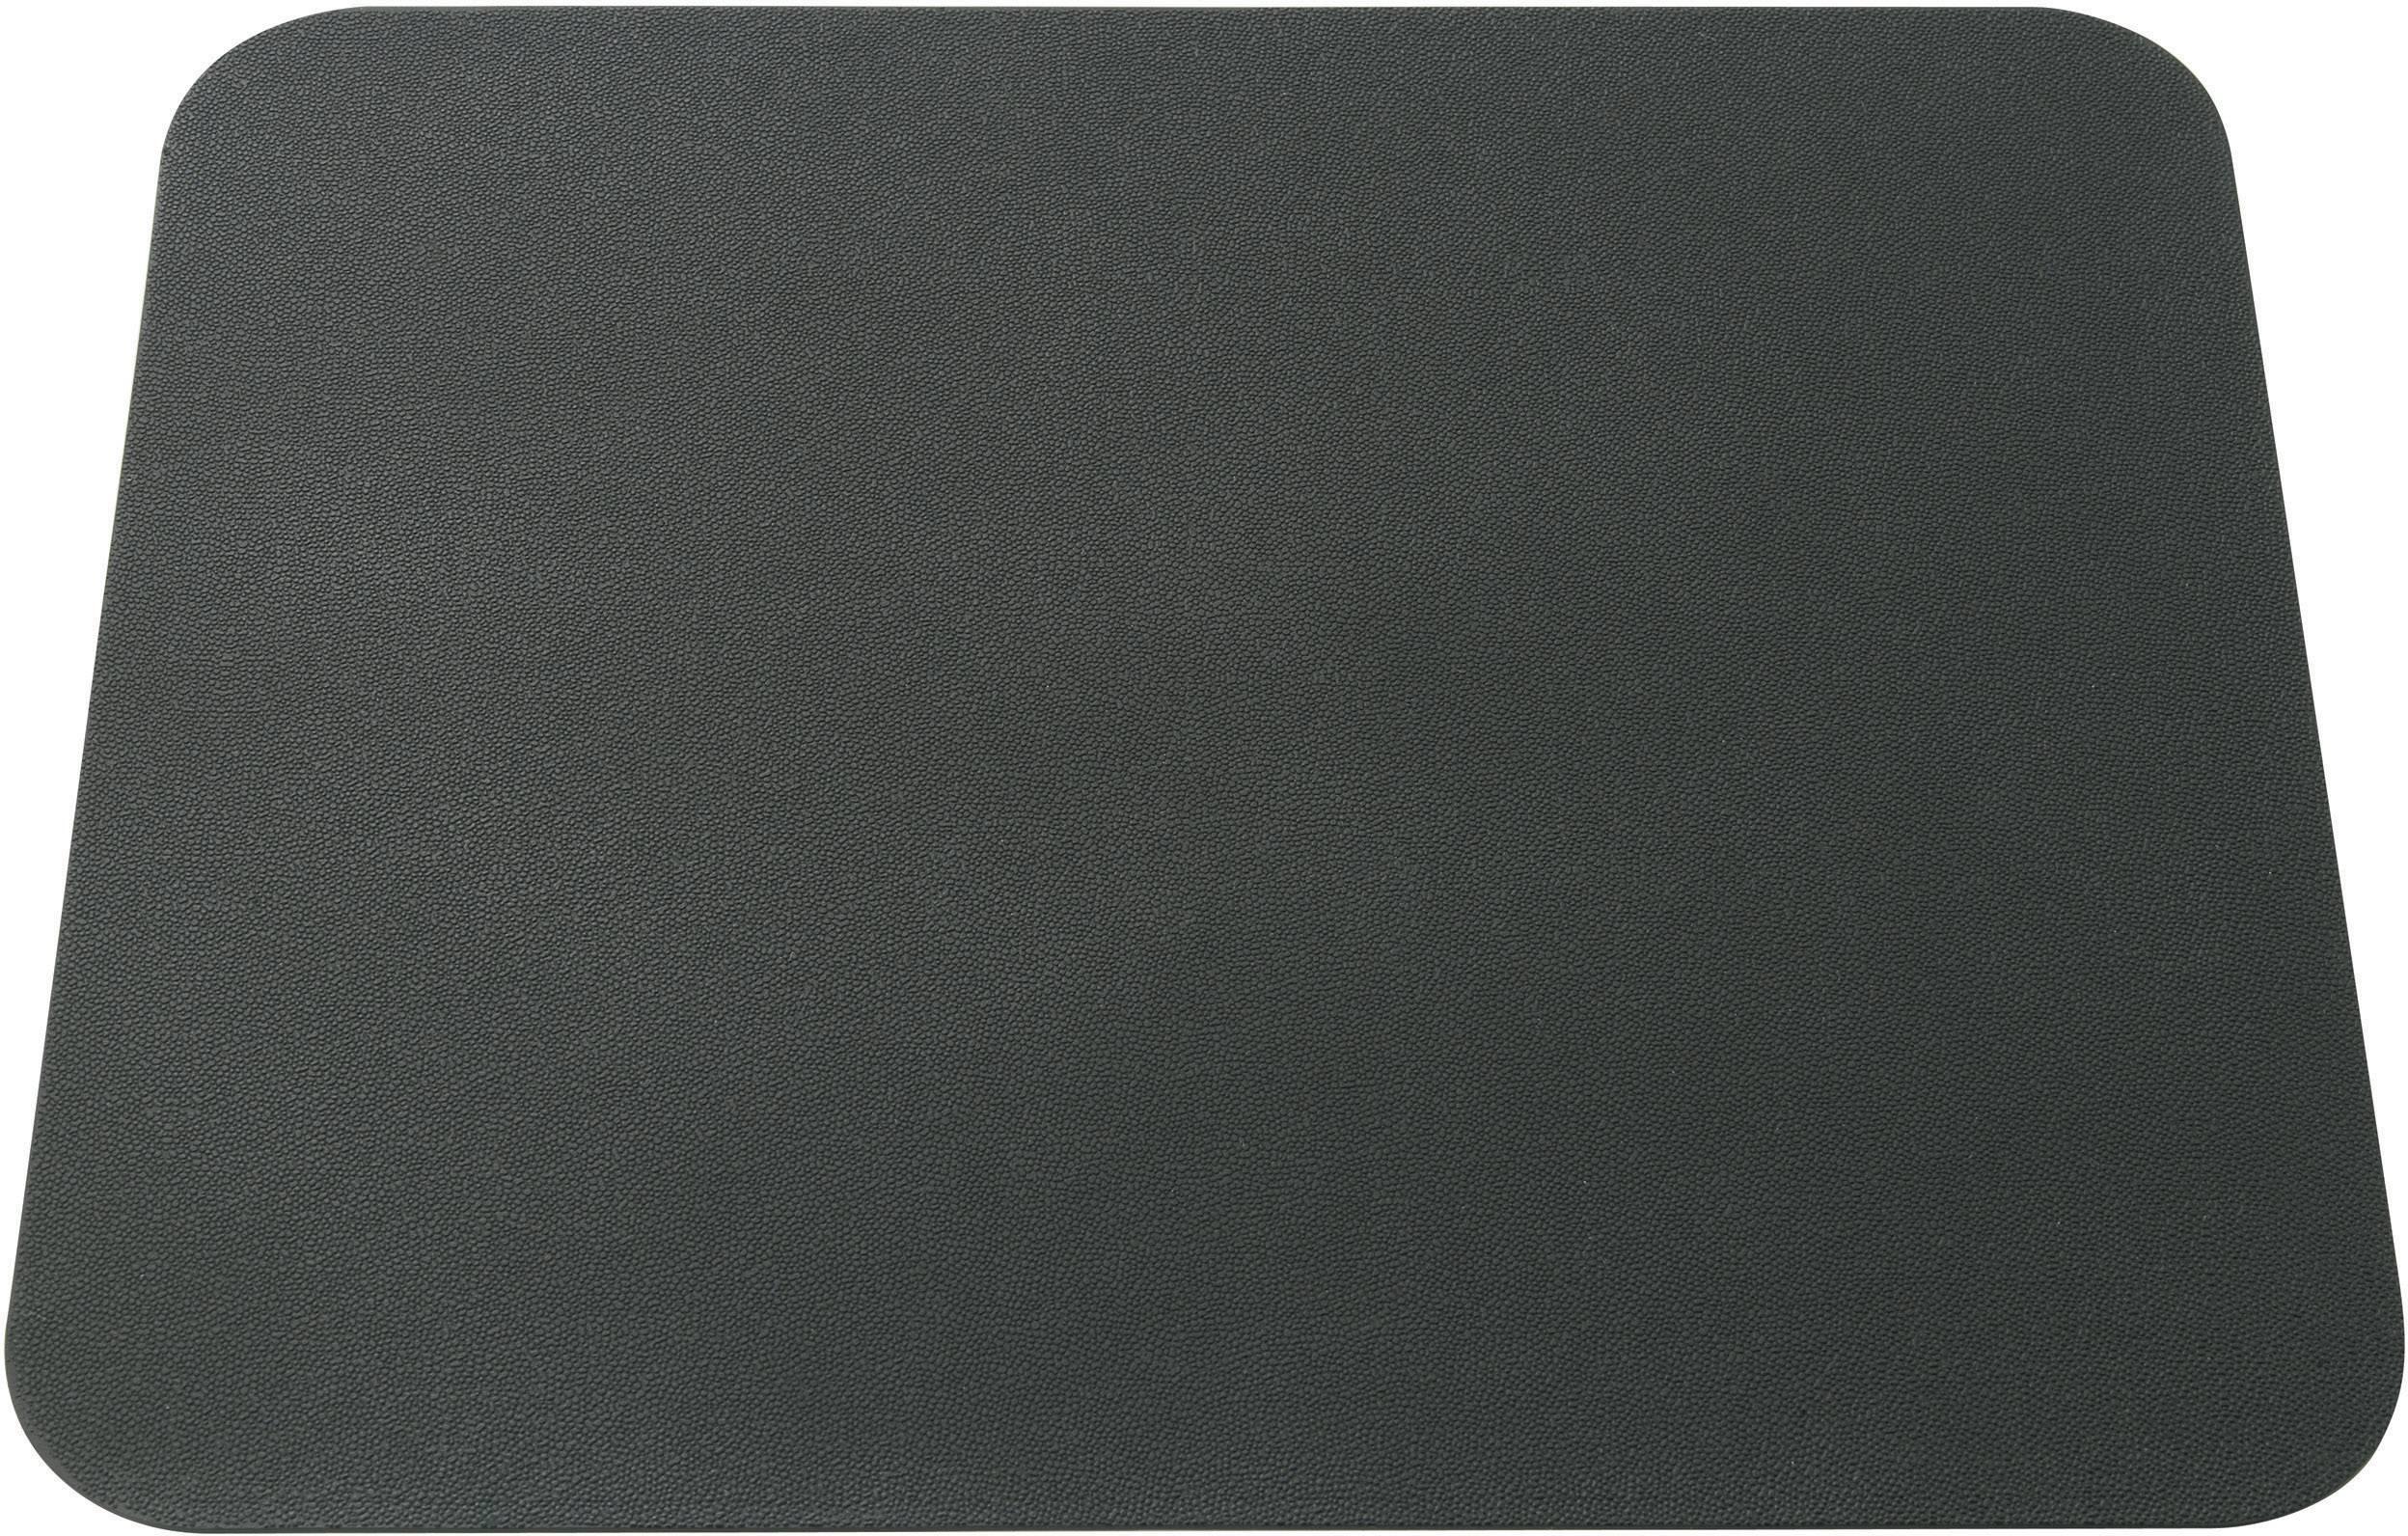 Podložka pod myš Basetech Ultra-Thin, 177 x 213 x 1.25 , čierna